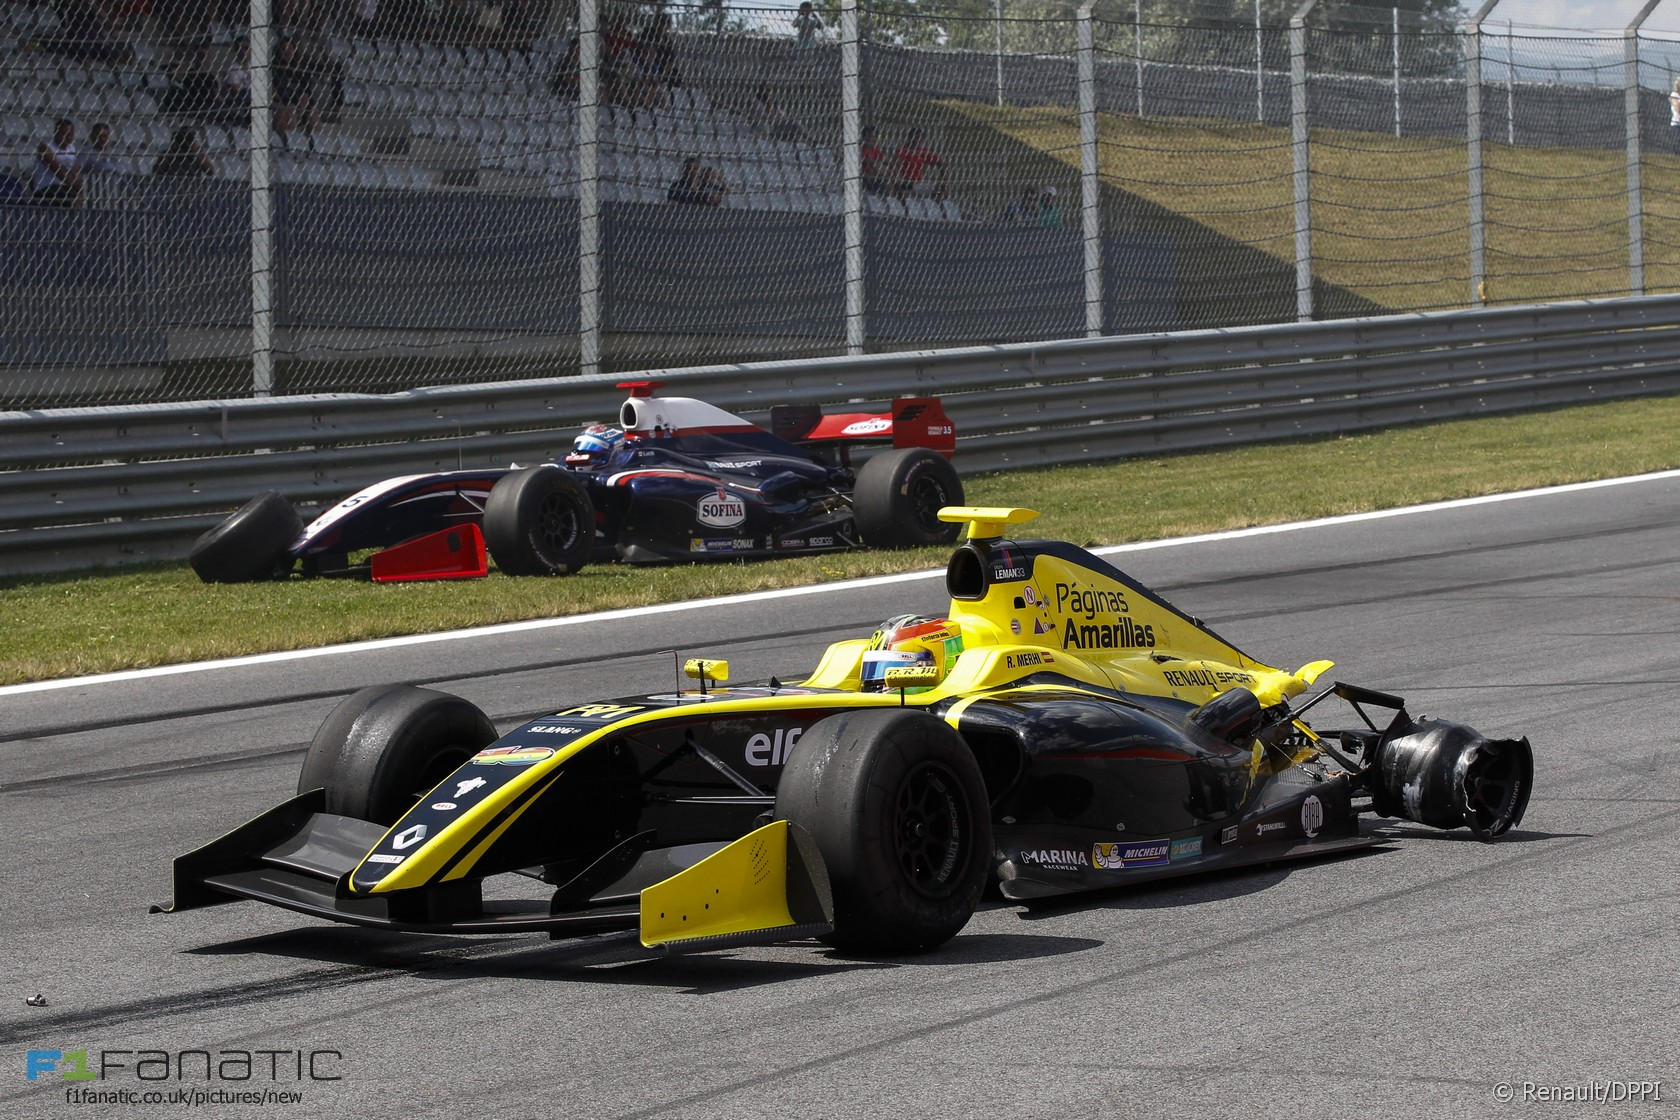 Roberto Merhi, Nicholas Latifi, Formula Renault 3.5, Red Bull Ring, 2015